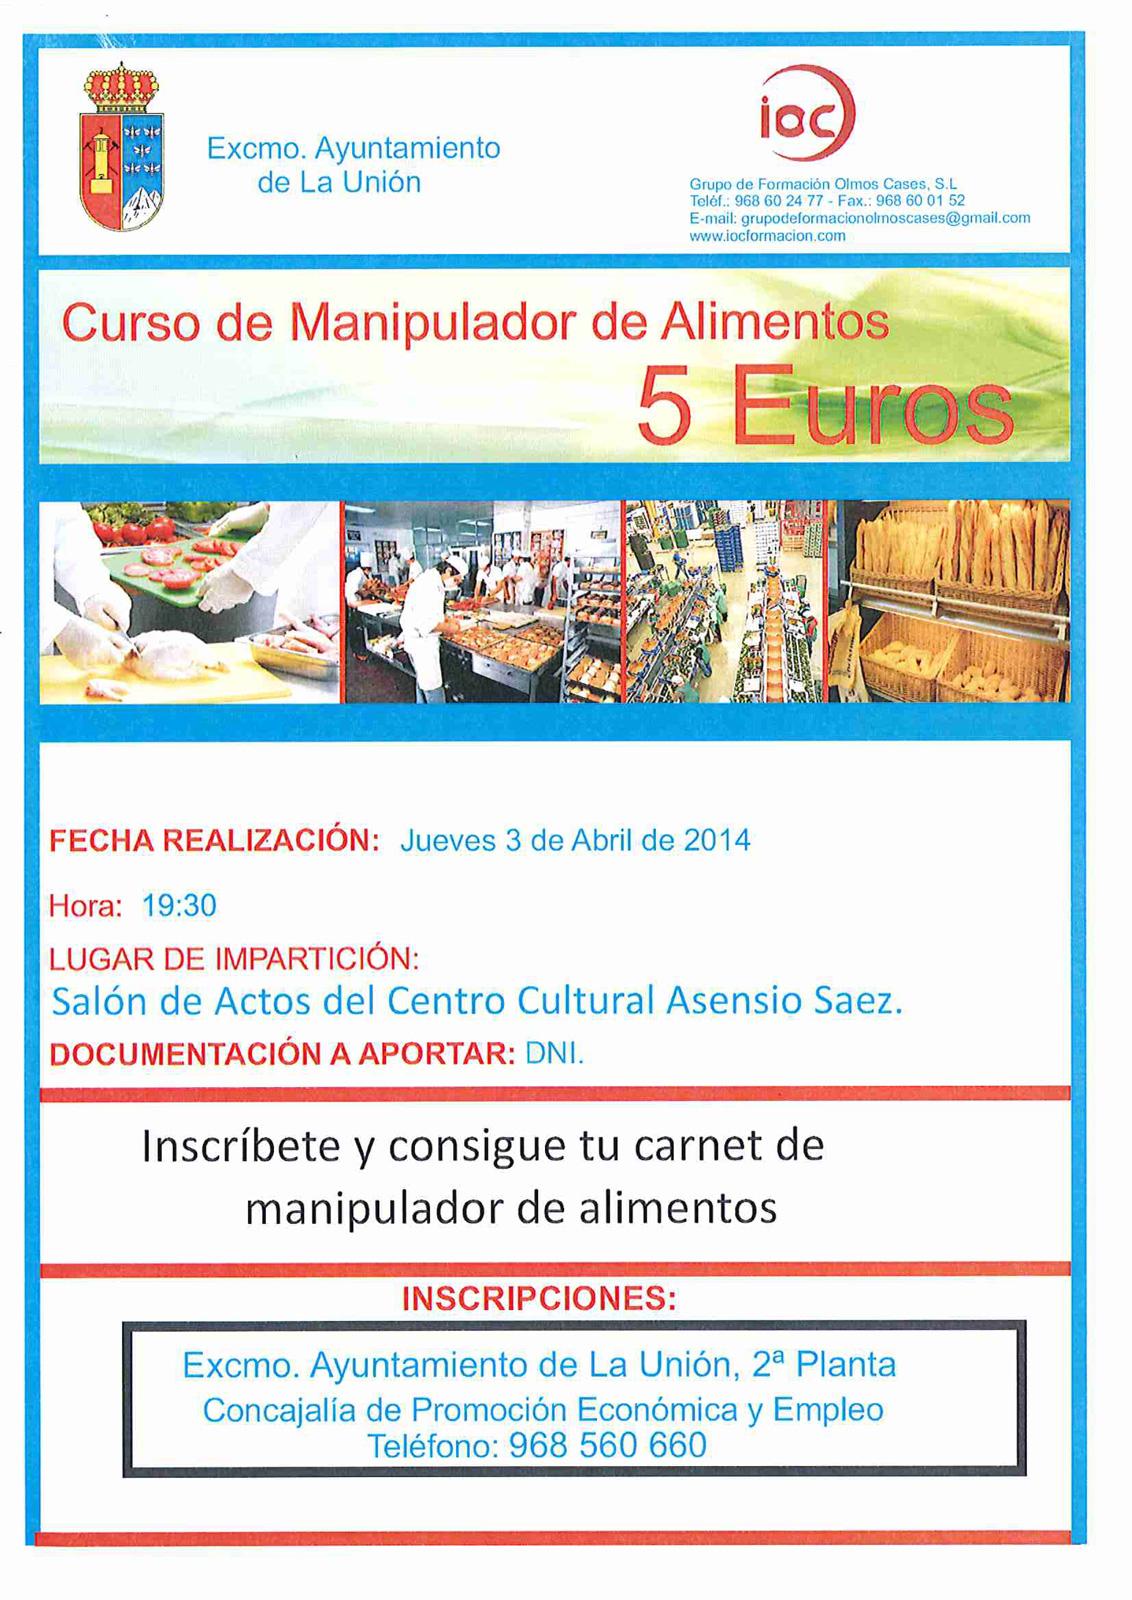 curso manipulador de alimentos. | excmo. ayuntamiento de la unión